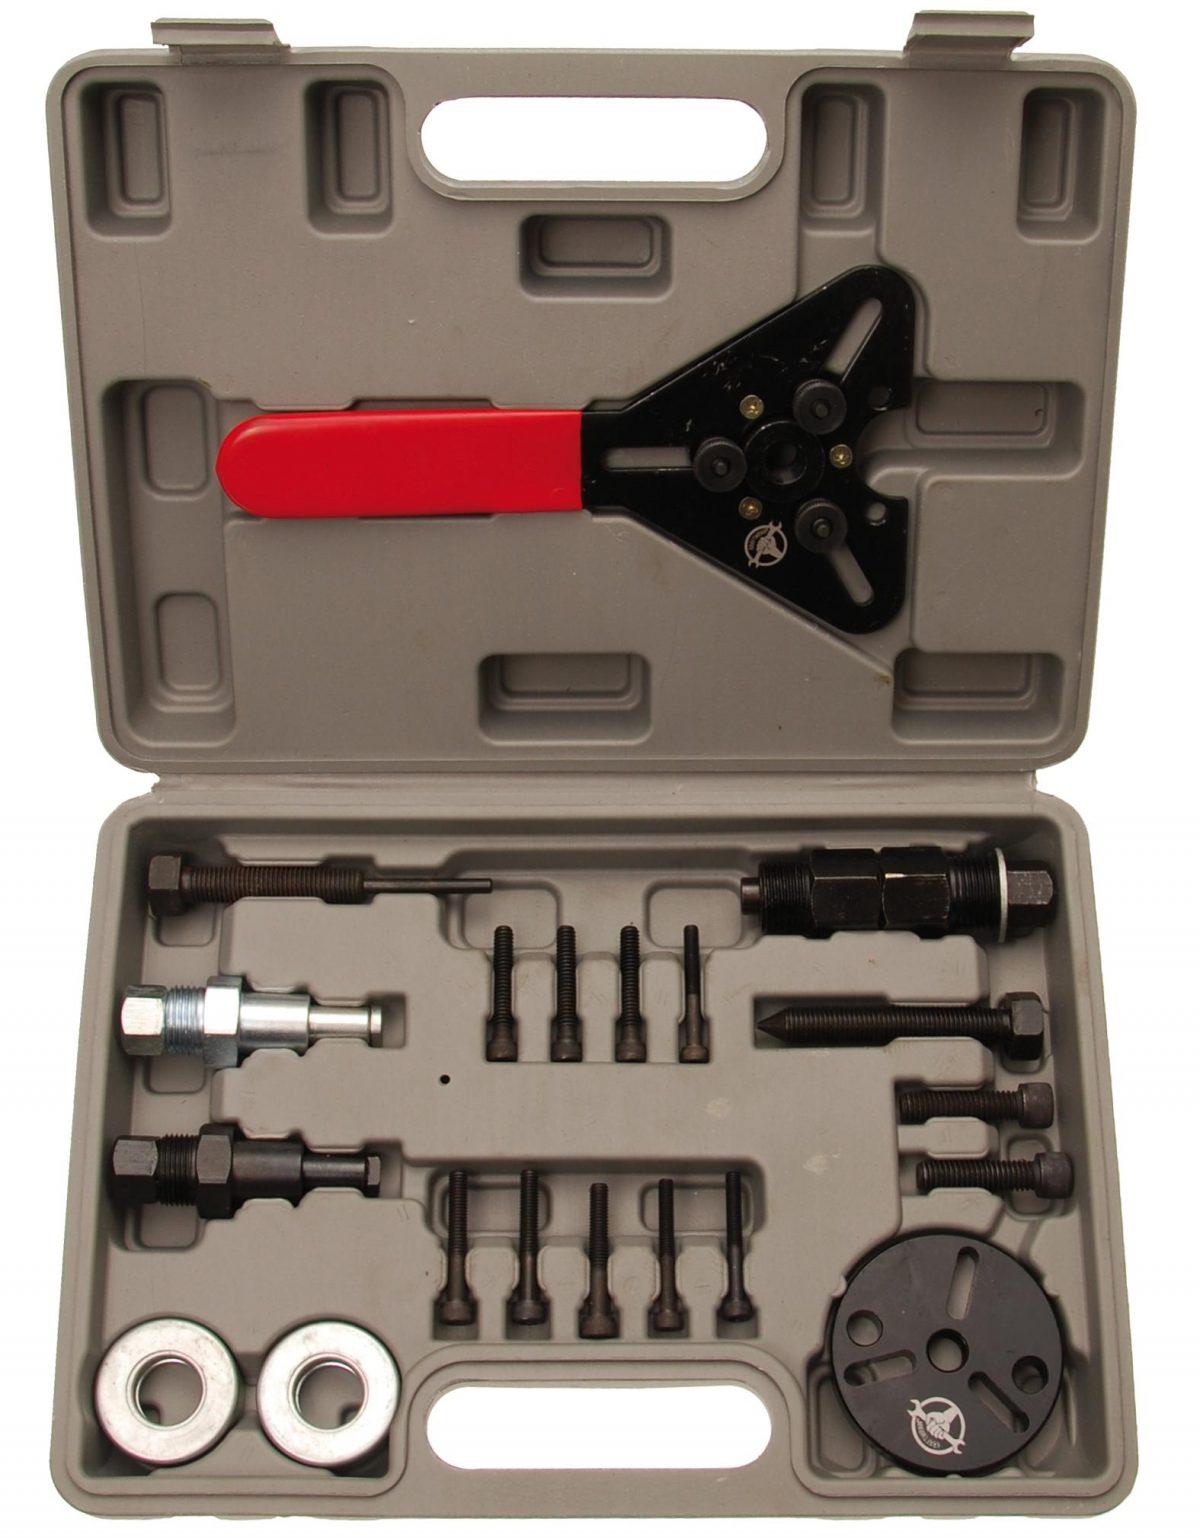 Automotive Air Condition Clutch Tool Kit   20 pcs. (8825)